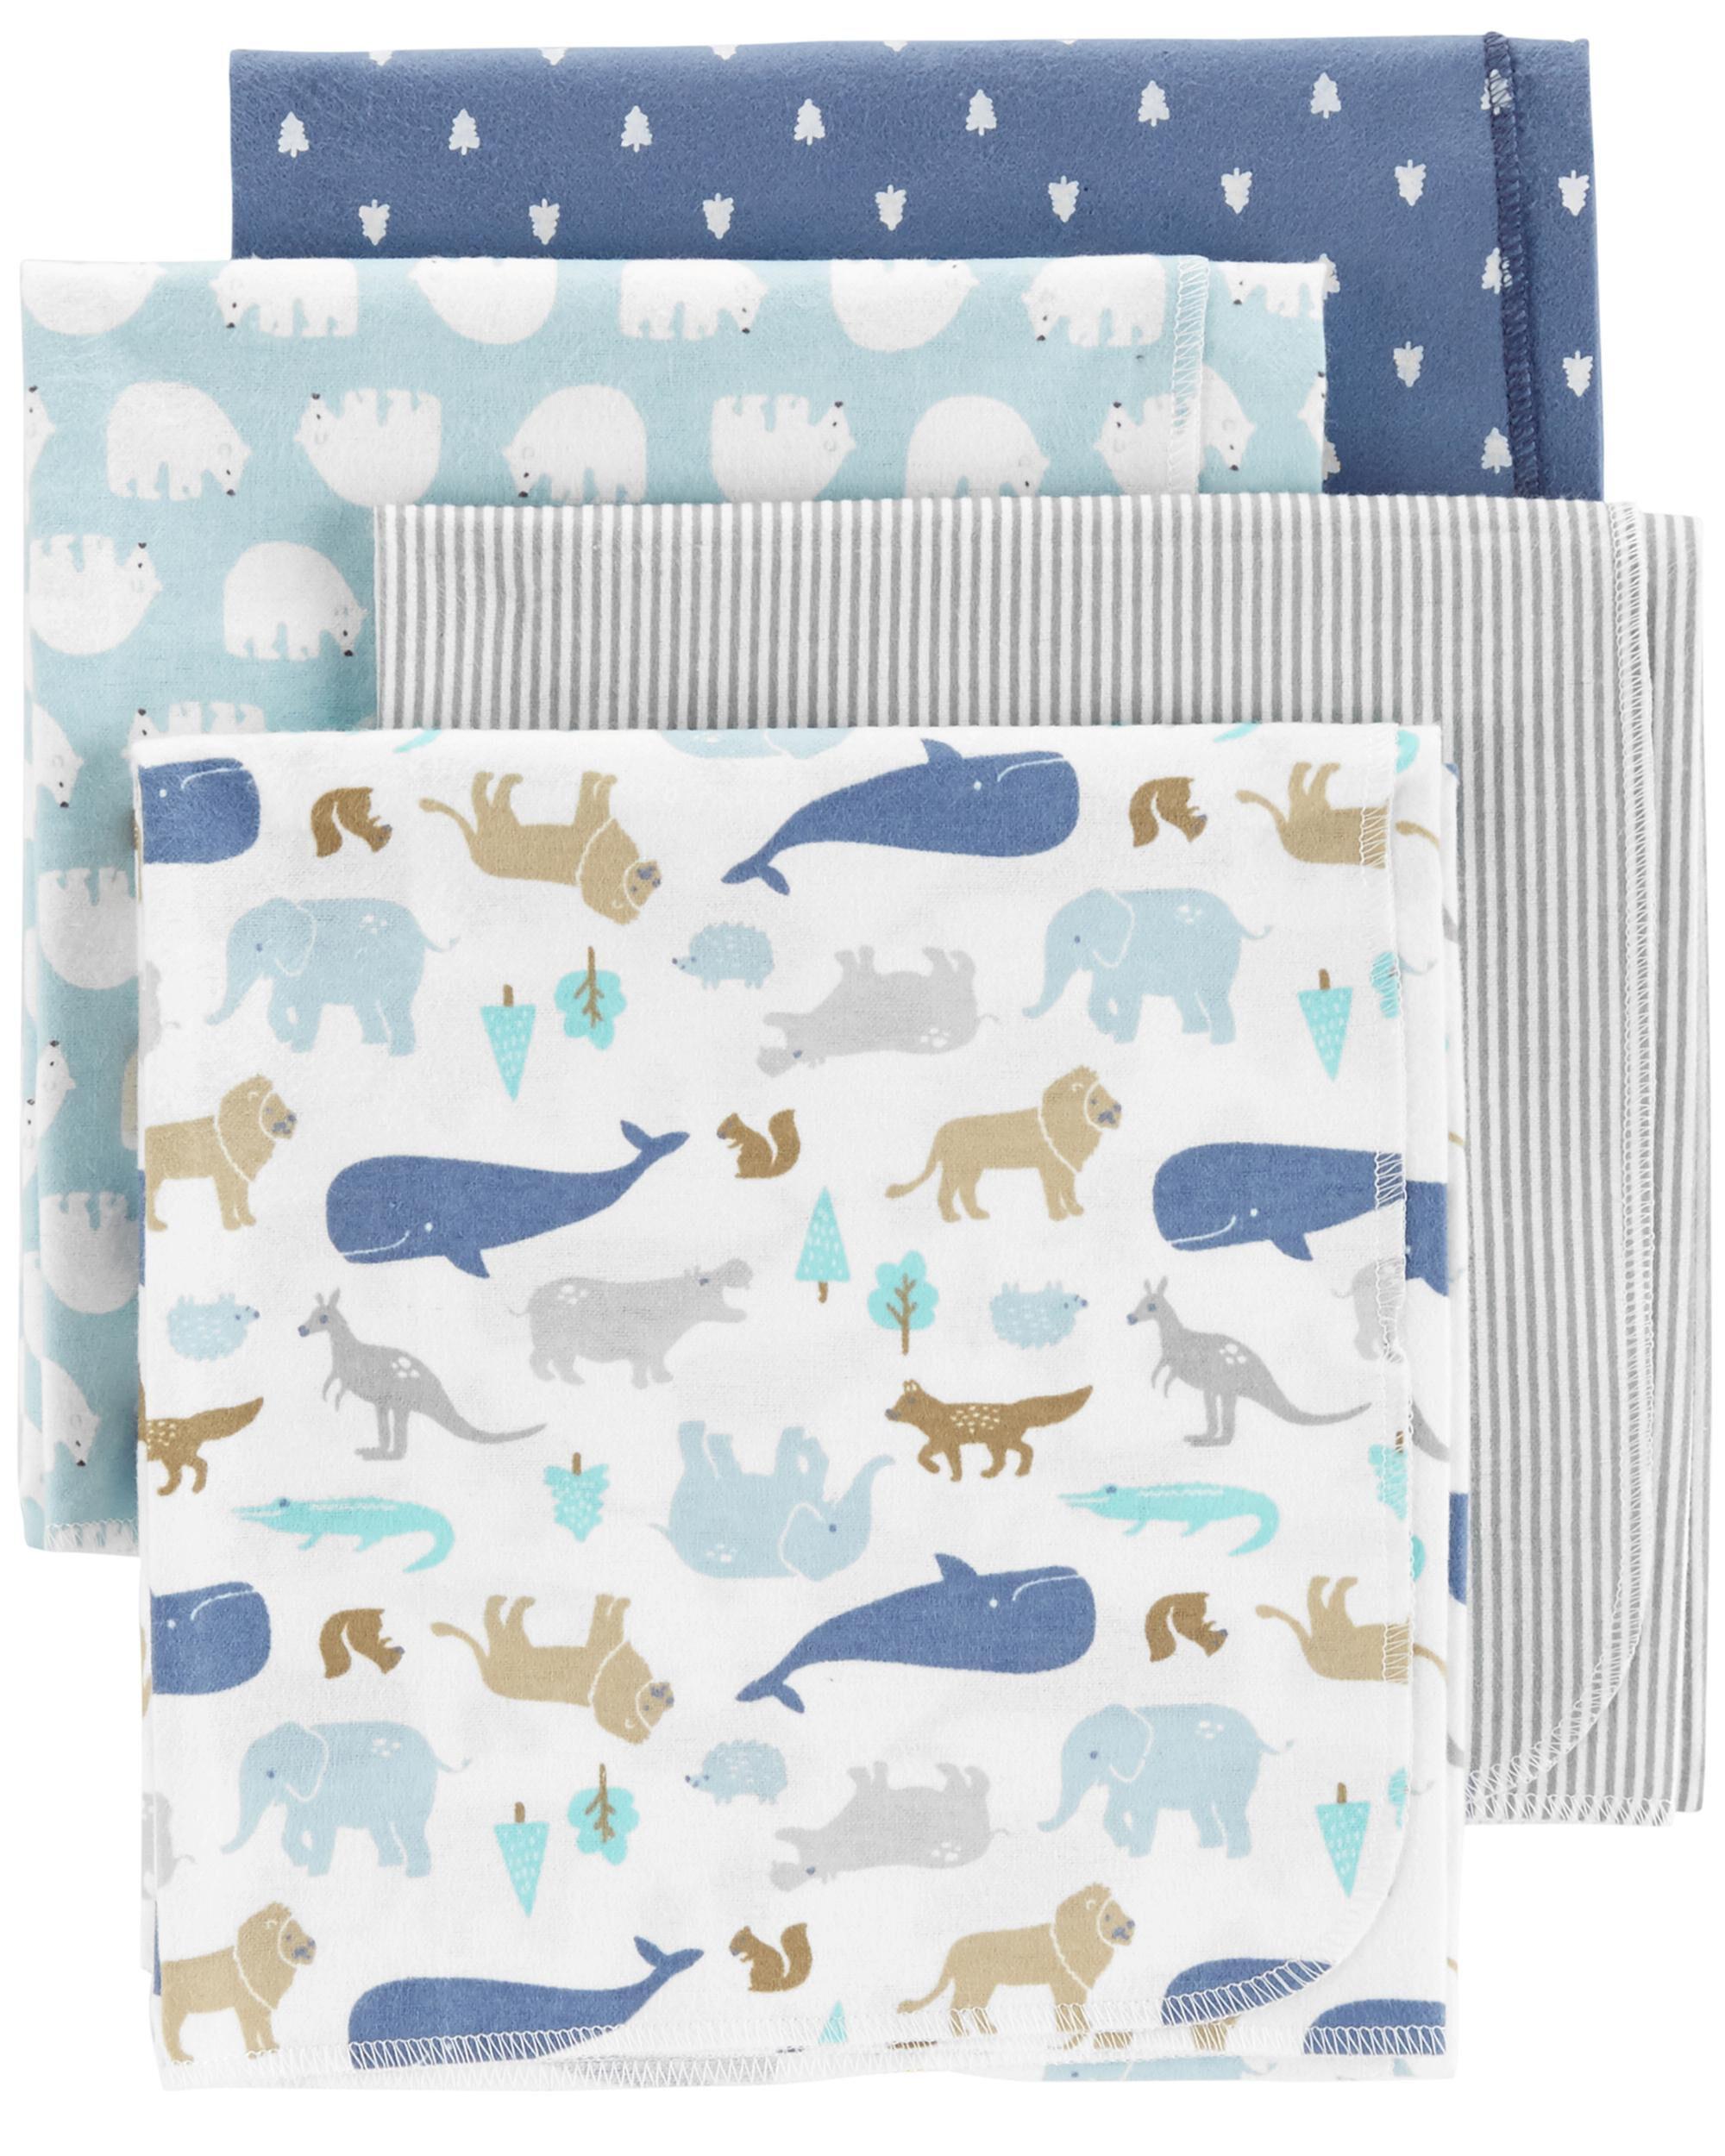 Carters 4-Pack Receiving Blanket D06G280